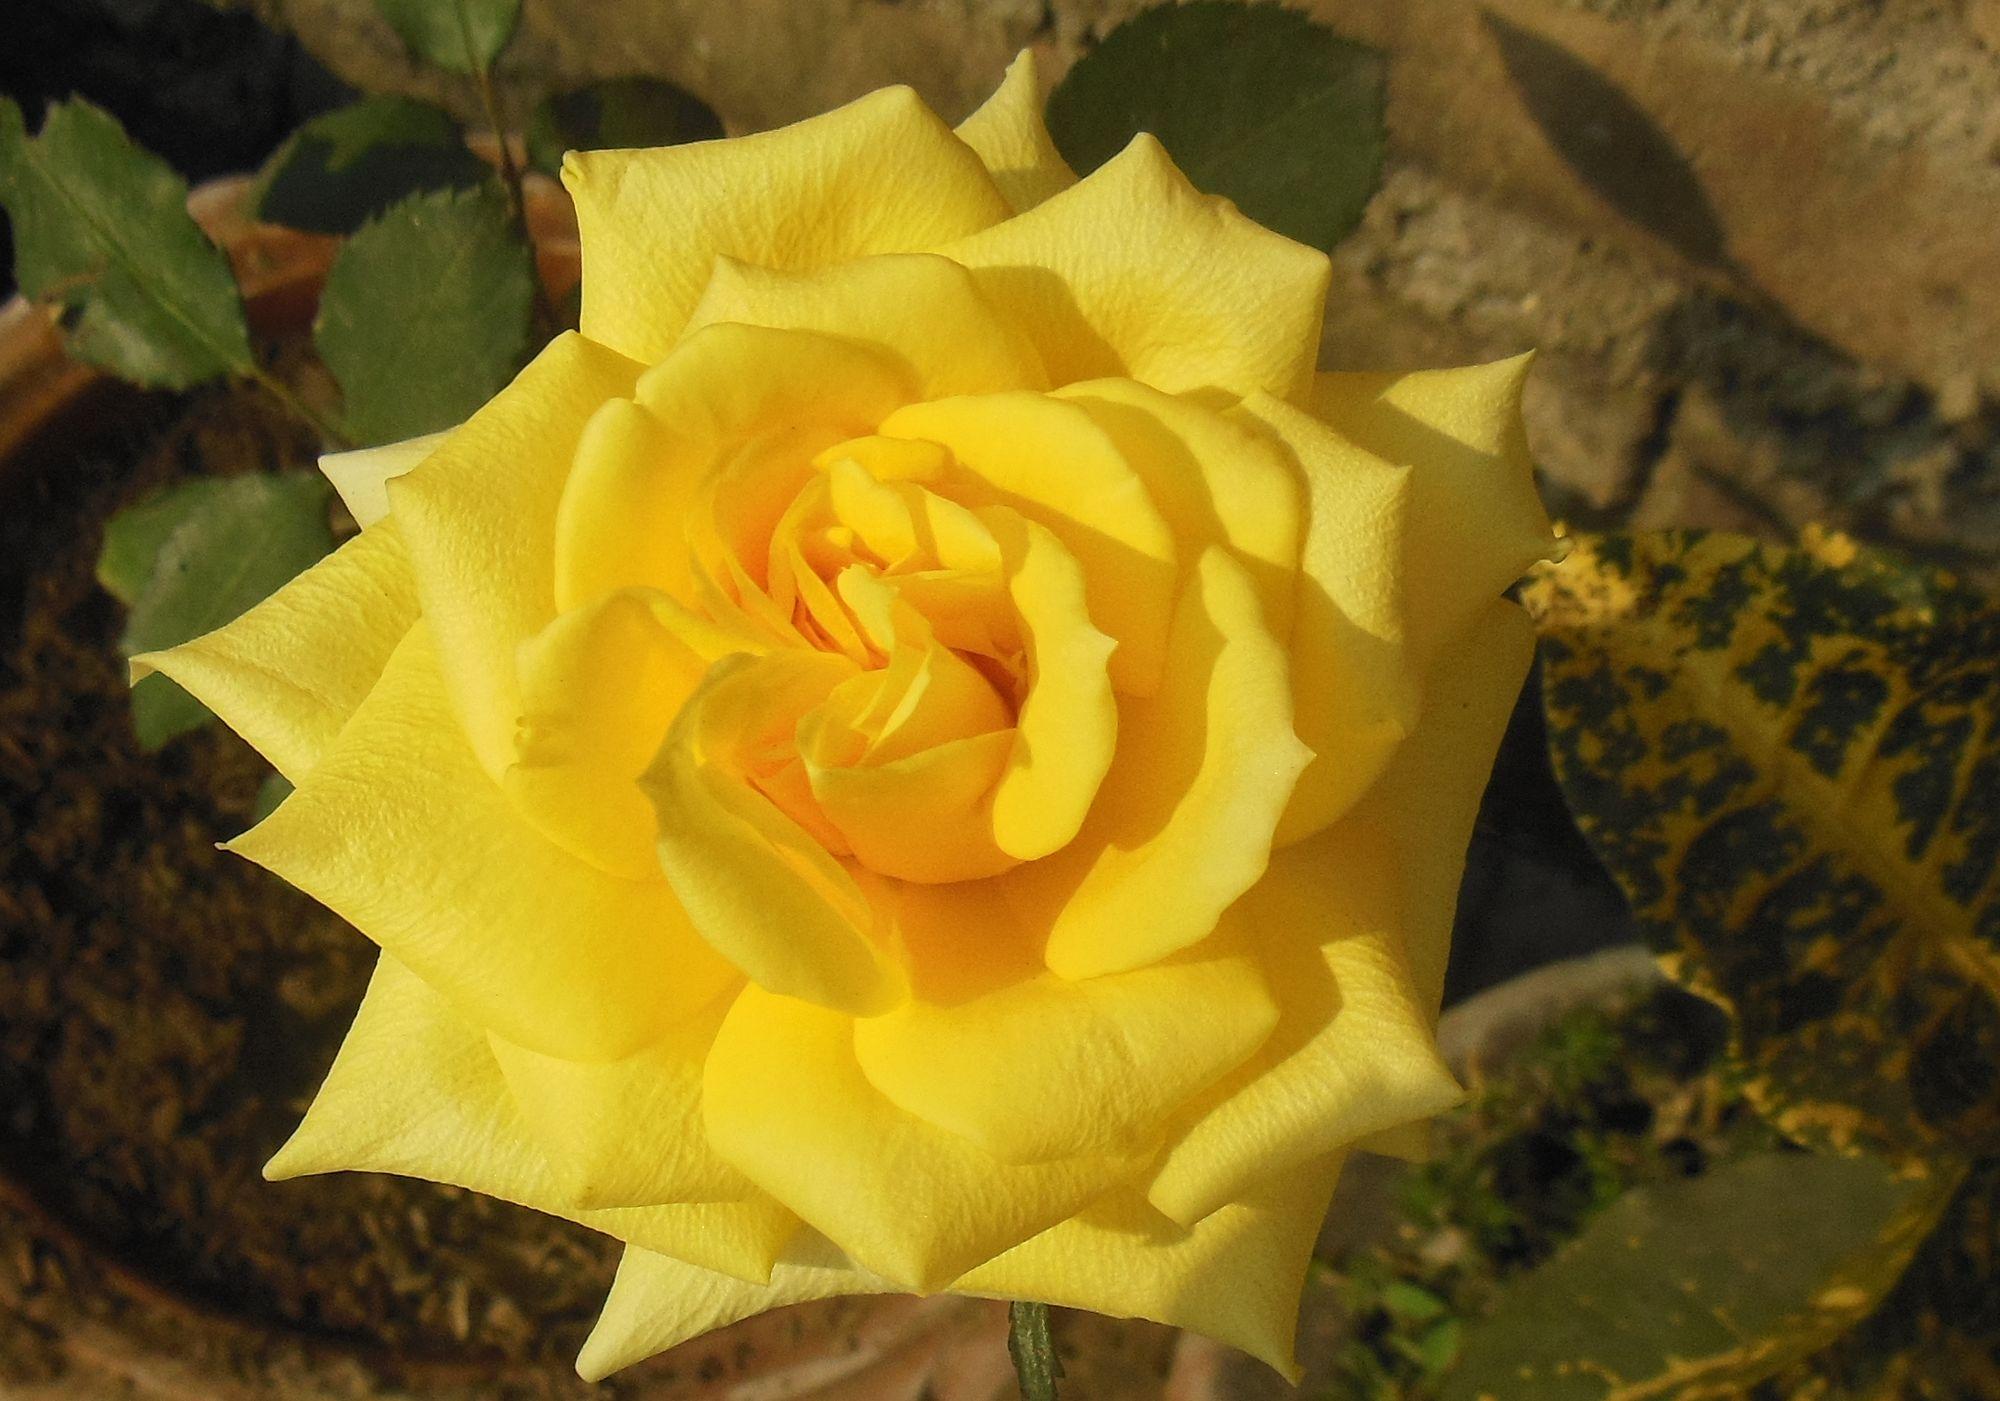 одна фотографии роз разных сортов при жизни